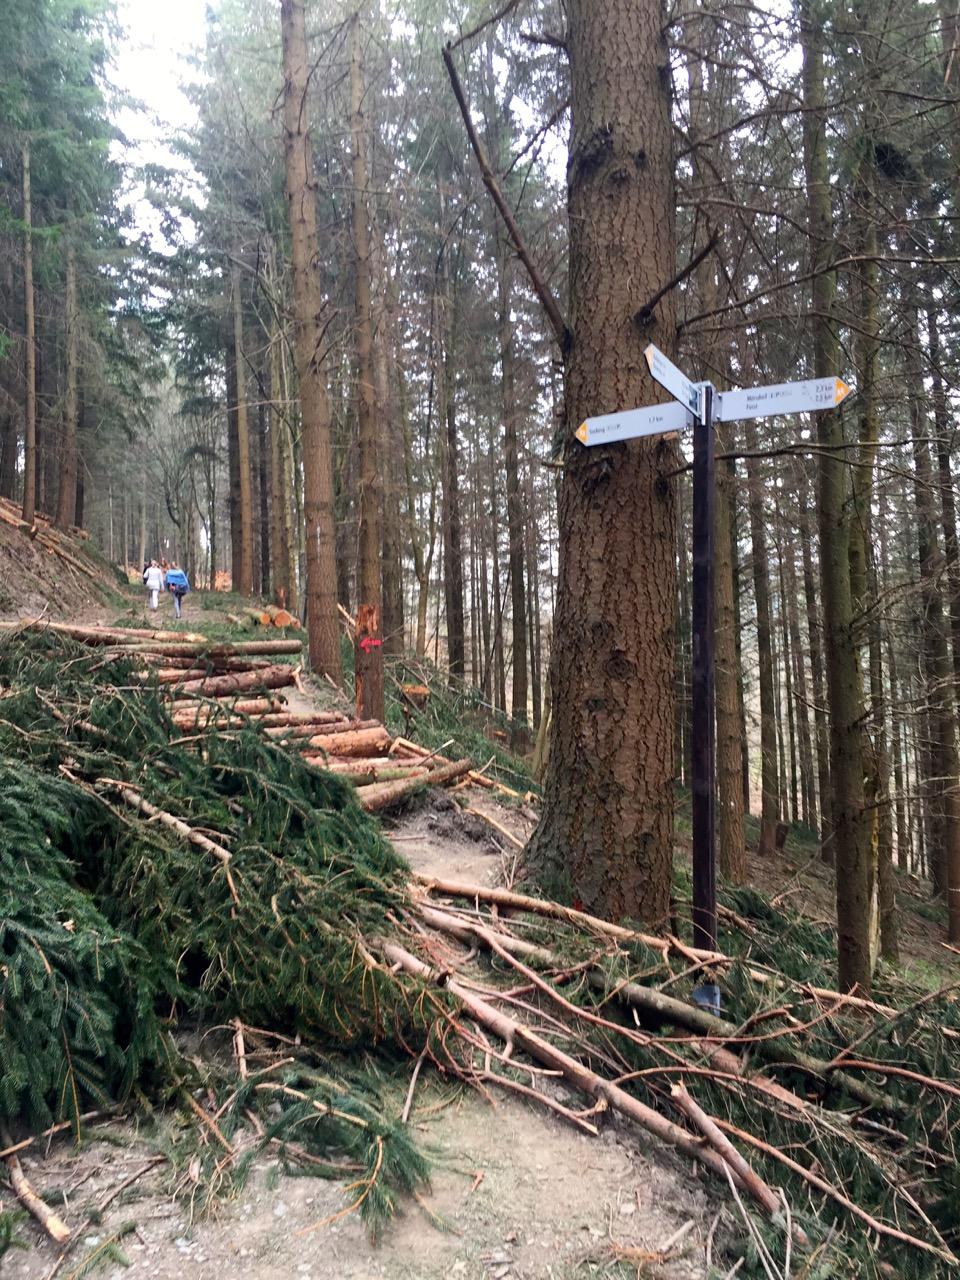 Geierlay Wanderweg – wir klettern ueber Baueme